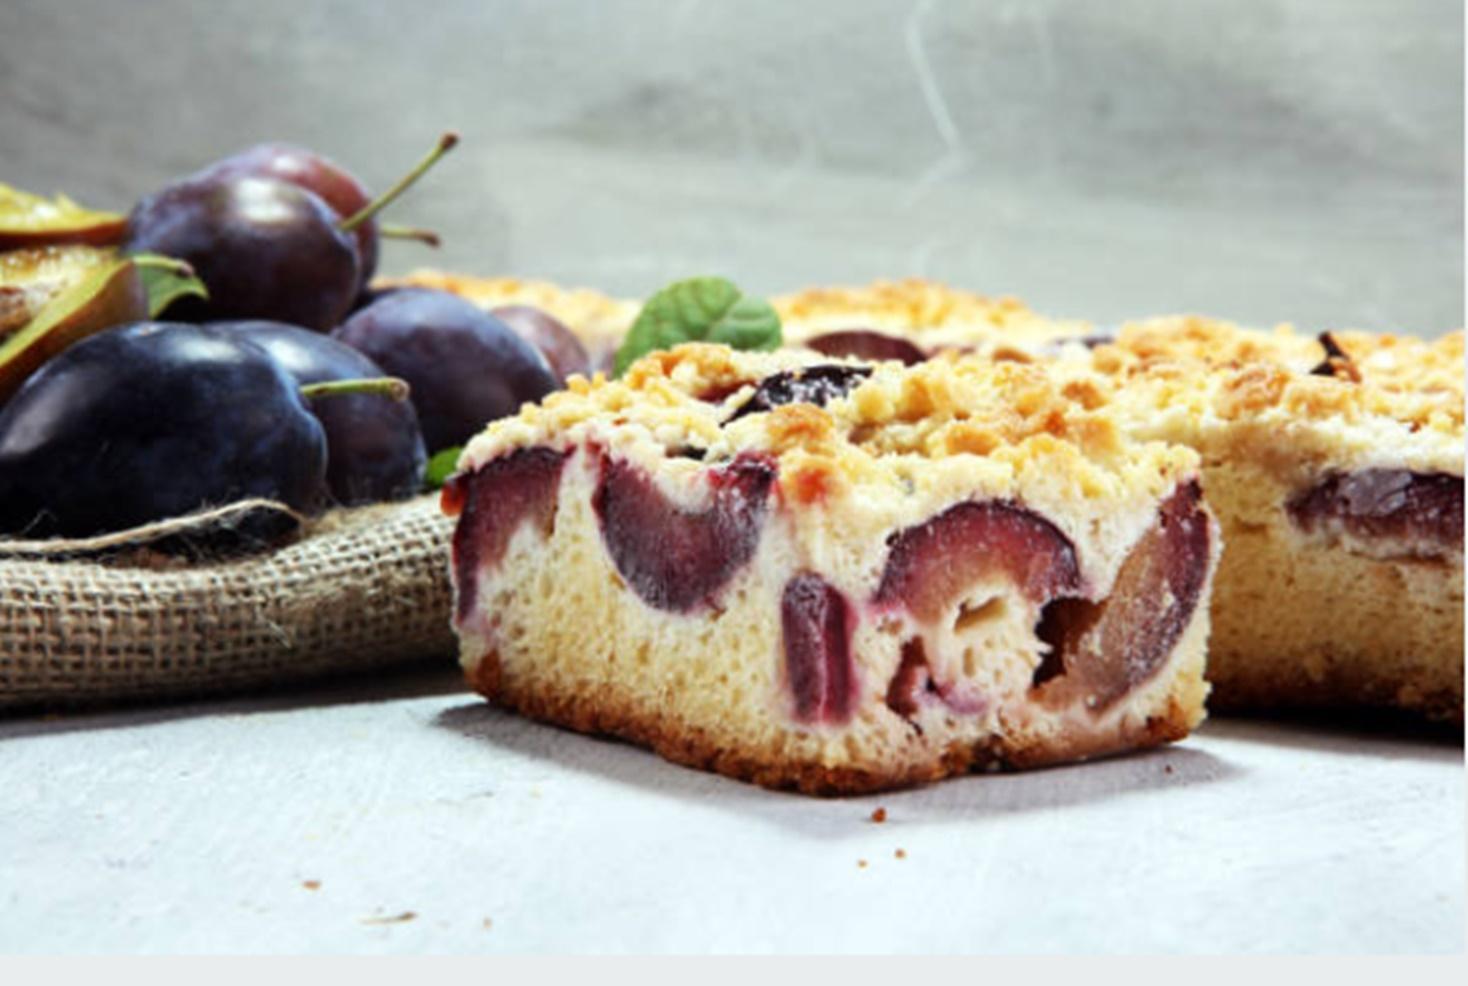 Prăjitură cu prune și crumble. Rețetă delicioasă de desert cu prune